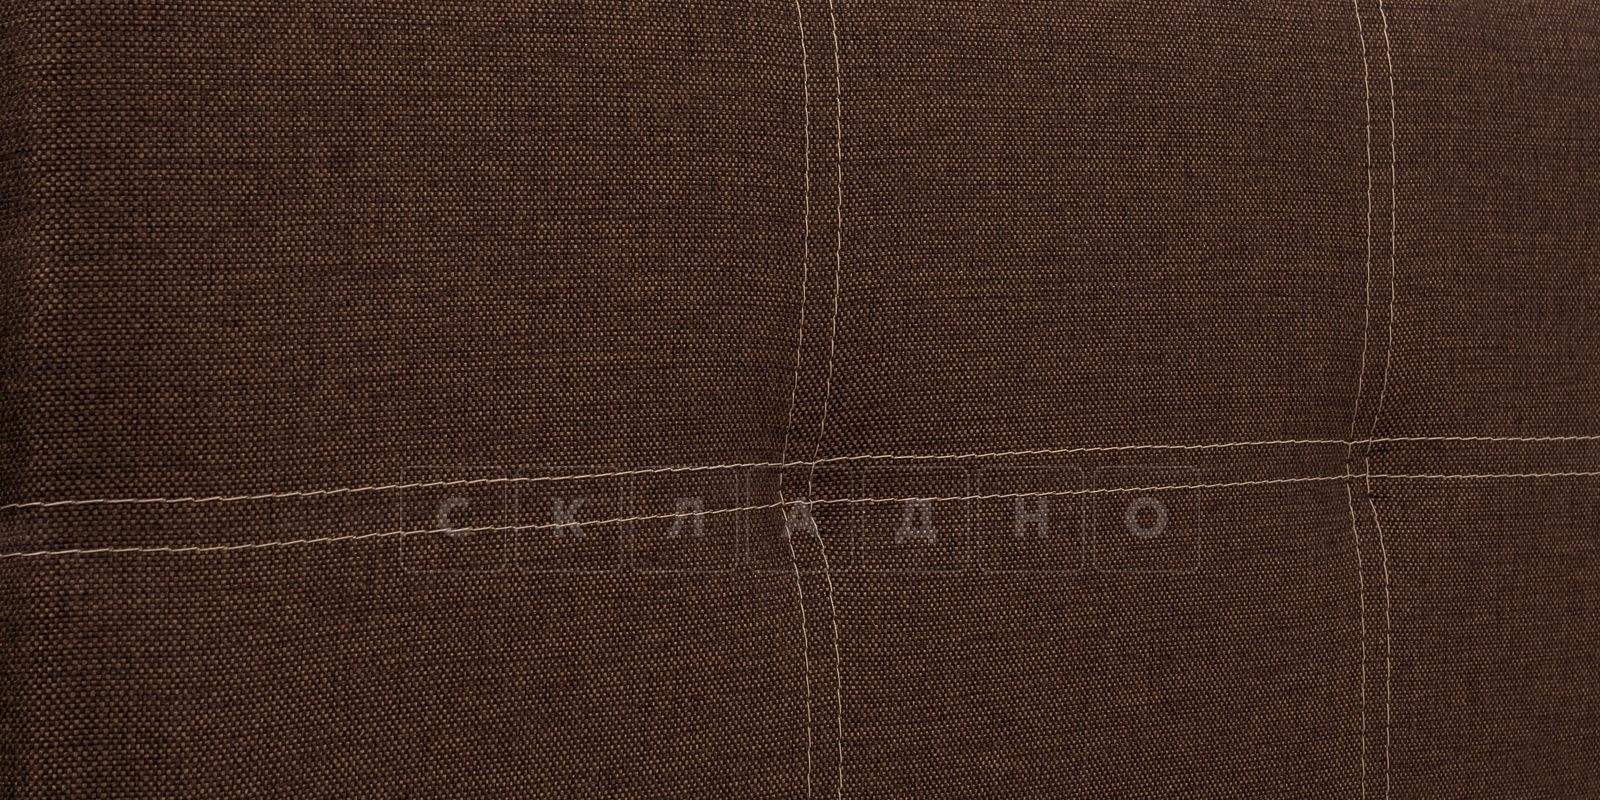 Мягкая кровать Афина 160см рогожка коричневого цвета фото 8 | интернет-магазин Складно